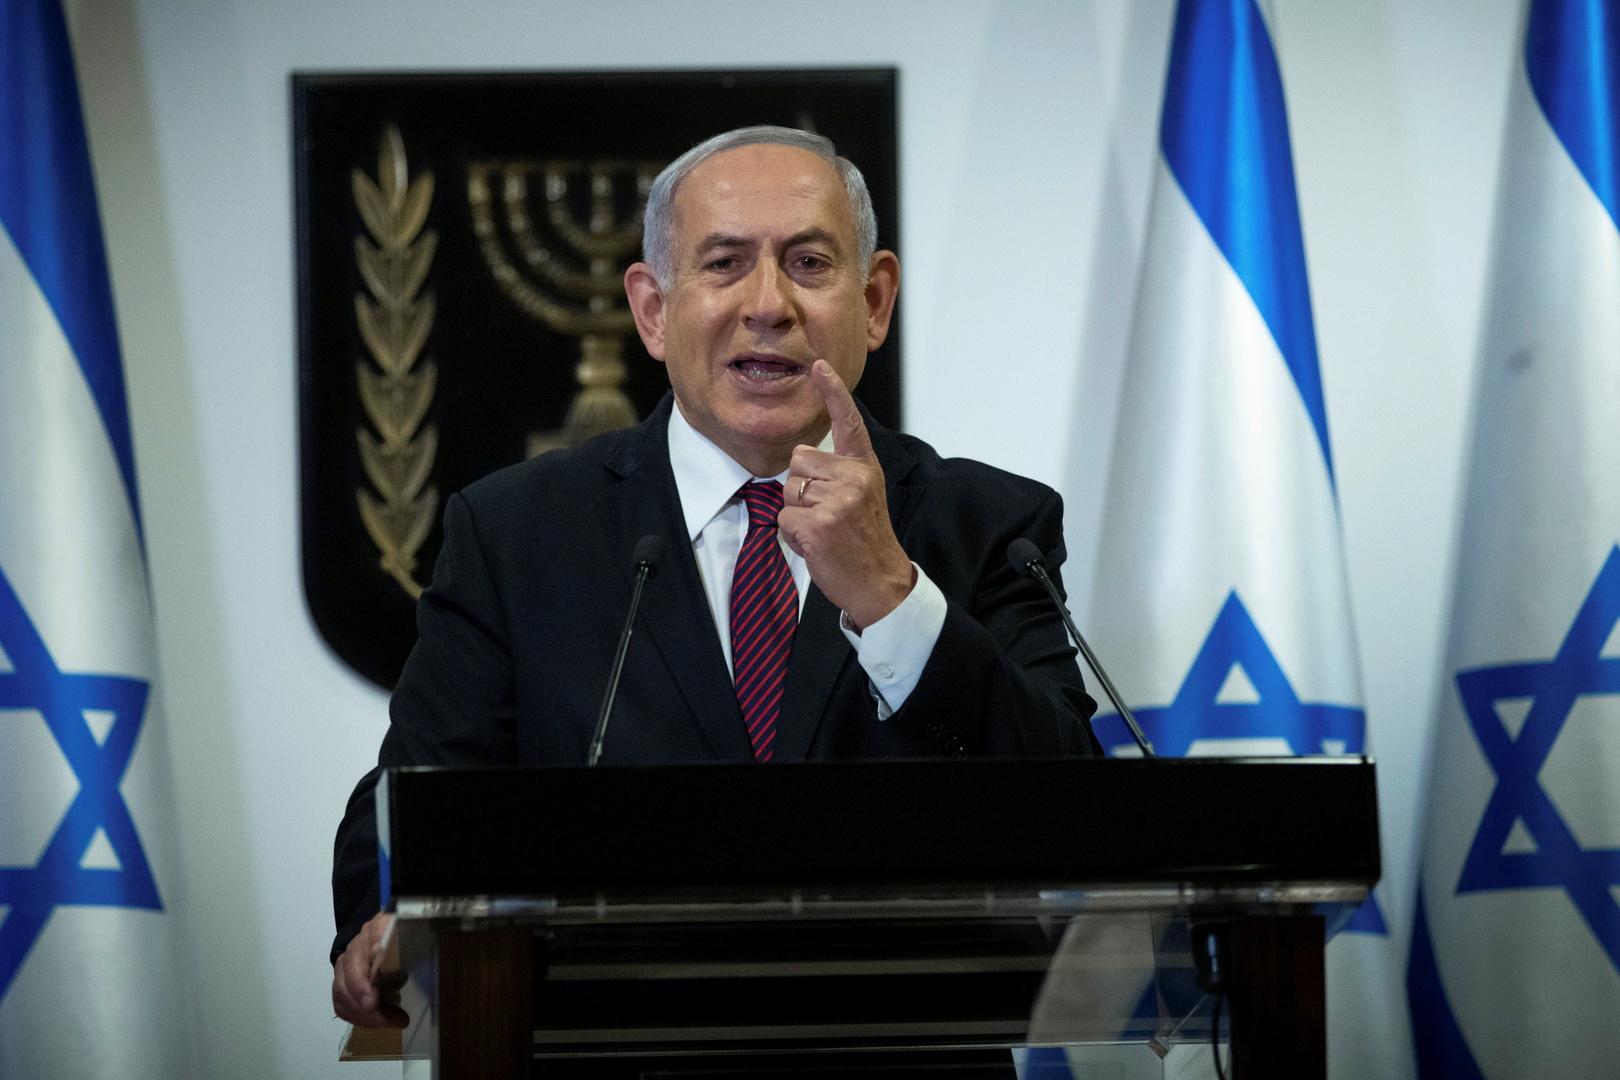 تقرير: نتنياهو أوفد رئيس الموساد إلى أبوظبي لإقناع الإماراتيين باستقباله